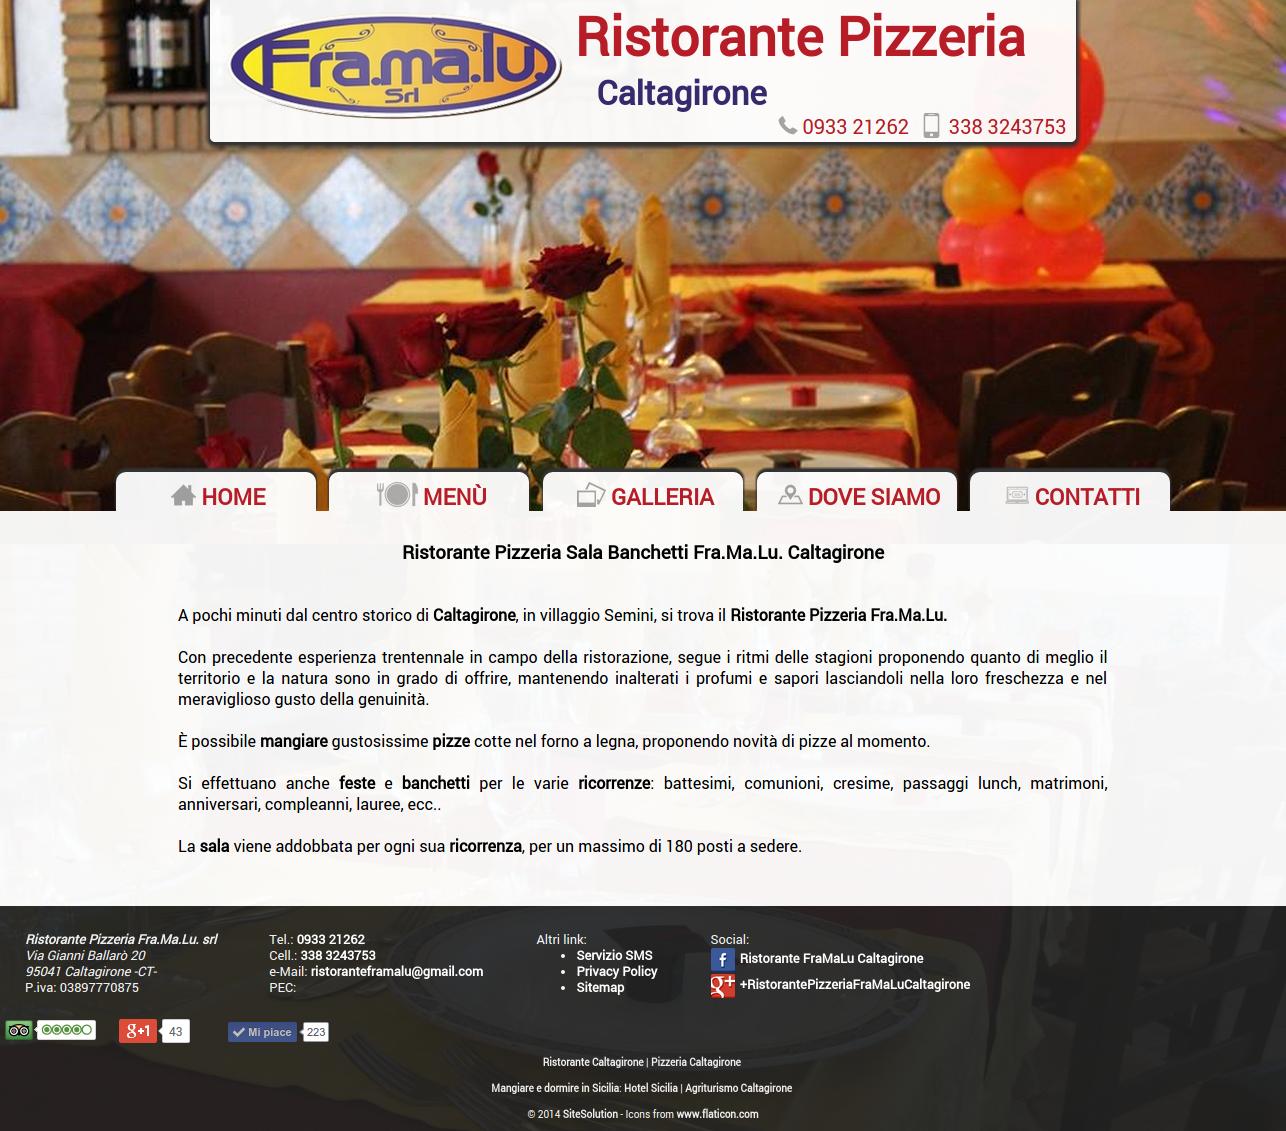 Ristorante FraMaLu Caltagirone